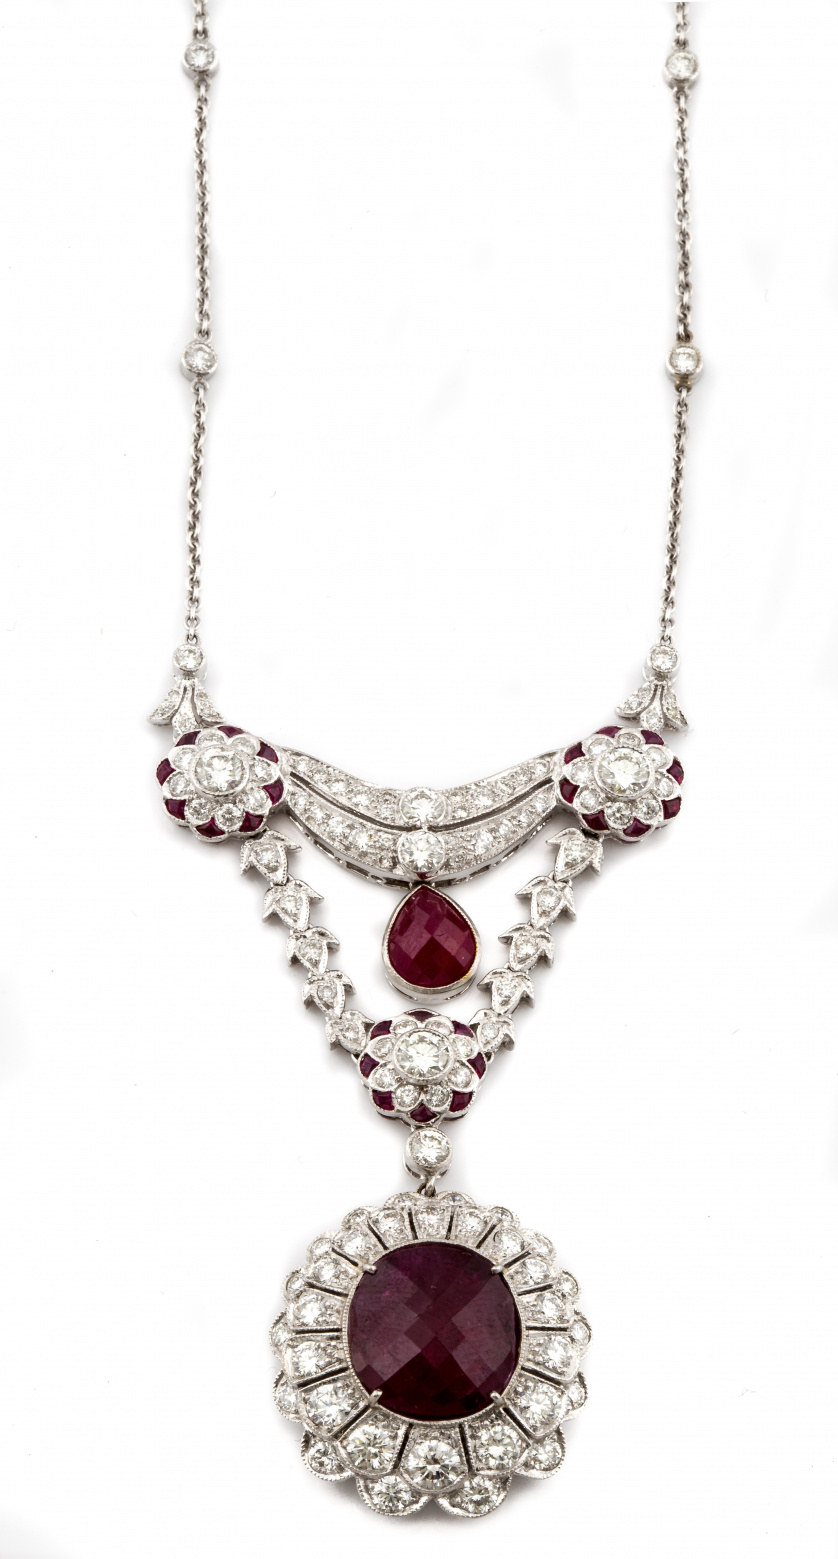 Collar de rubíes y brillantes estilo Belle Époque, con colg